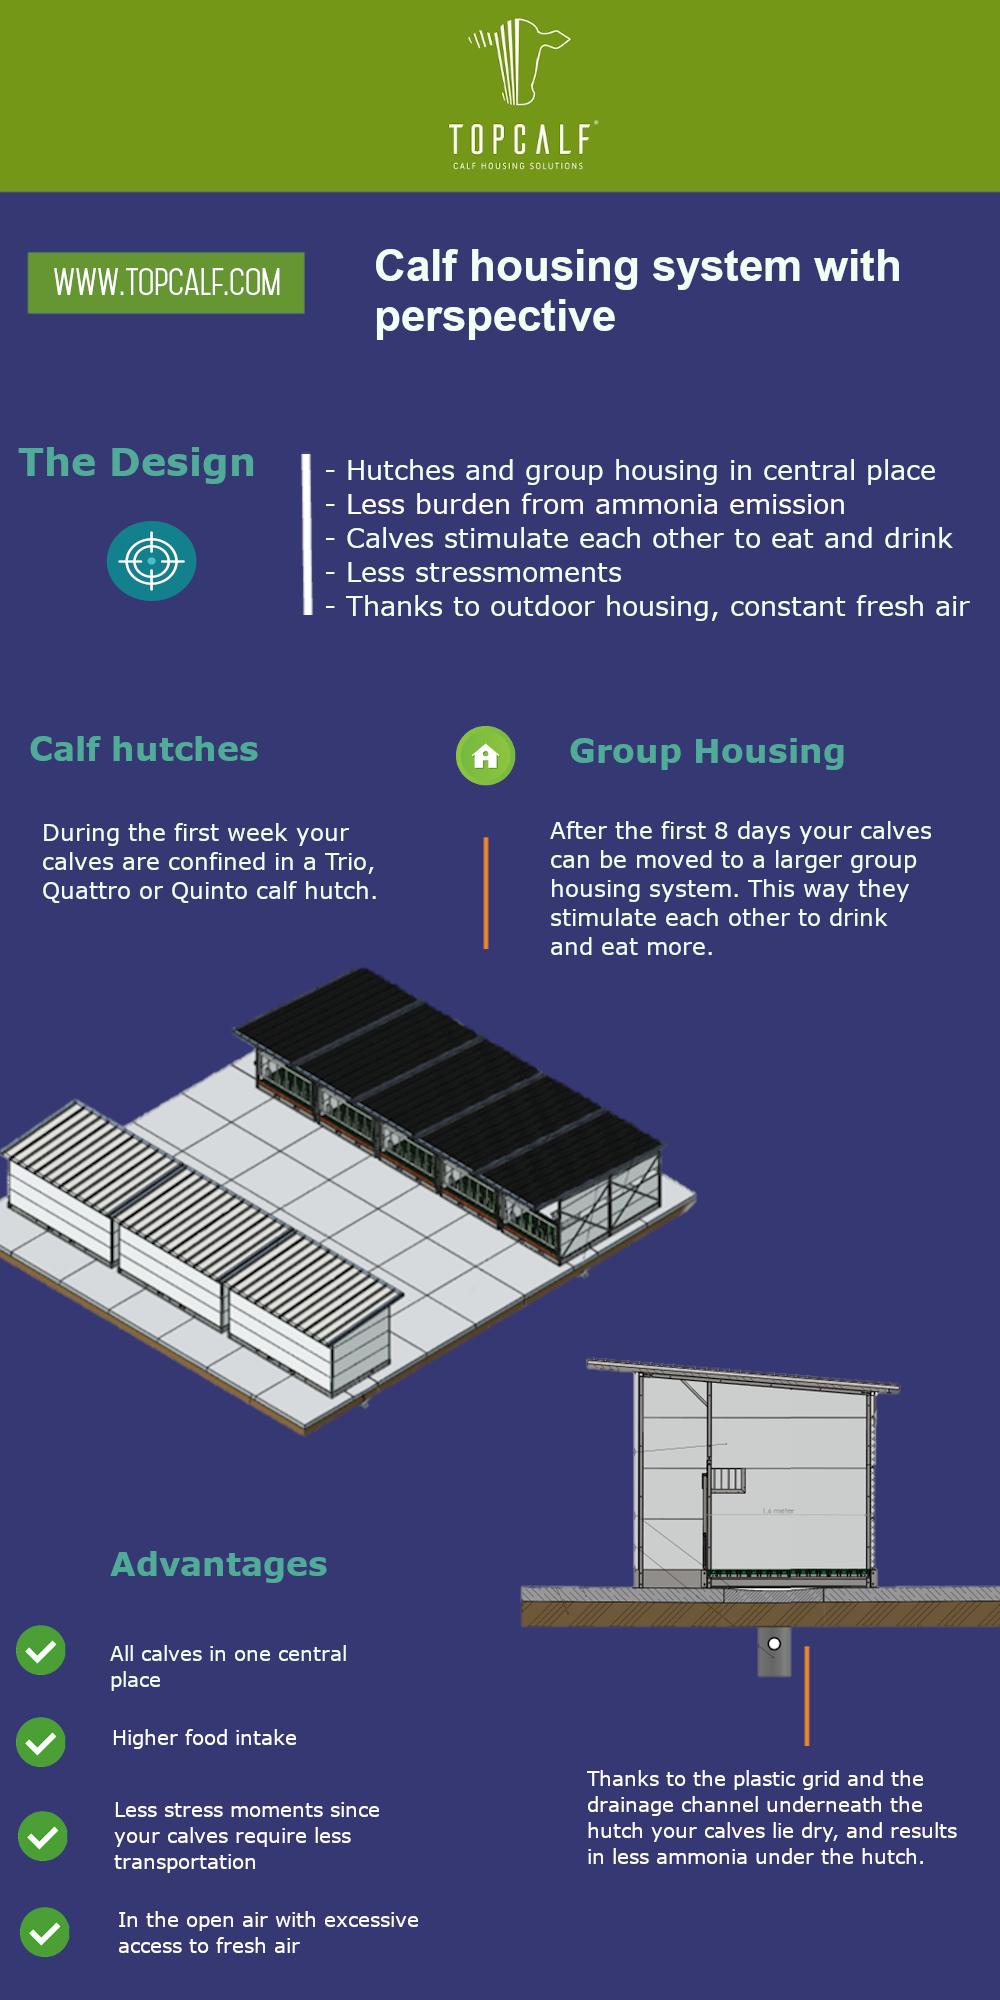 Calf housing system design